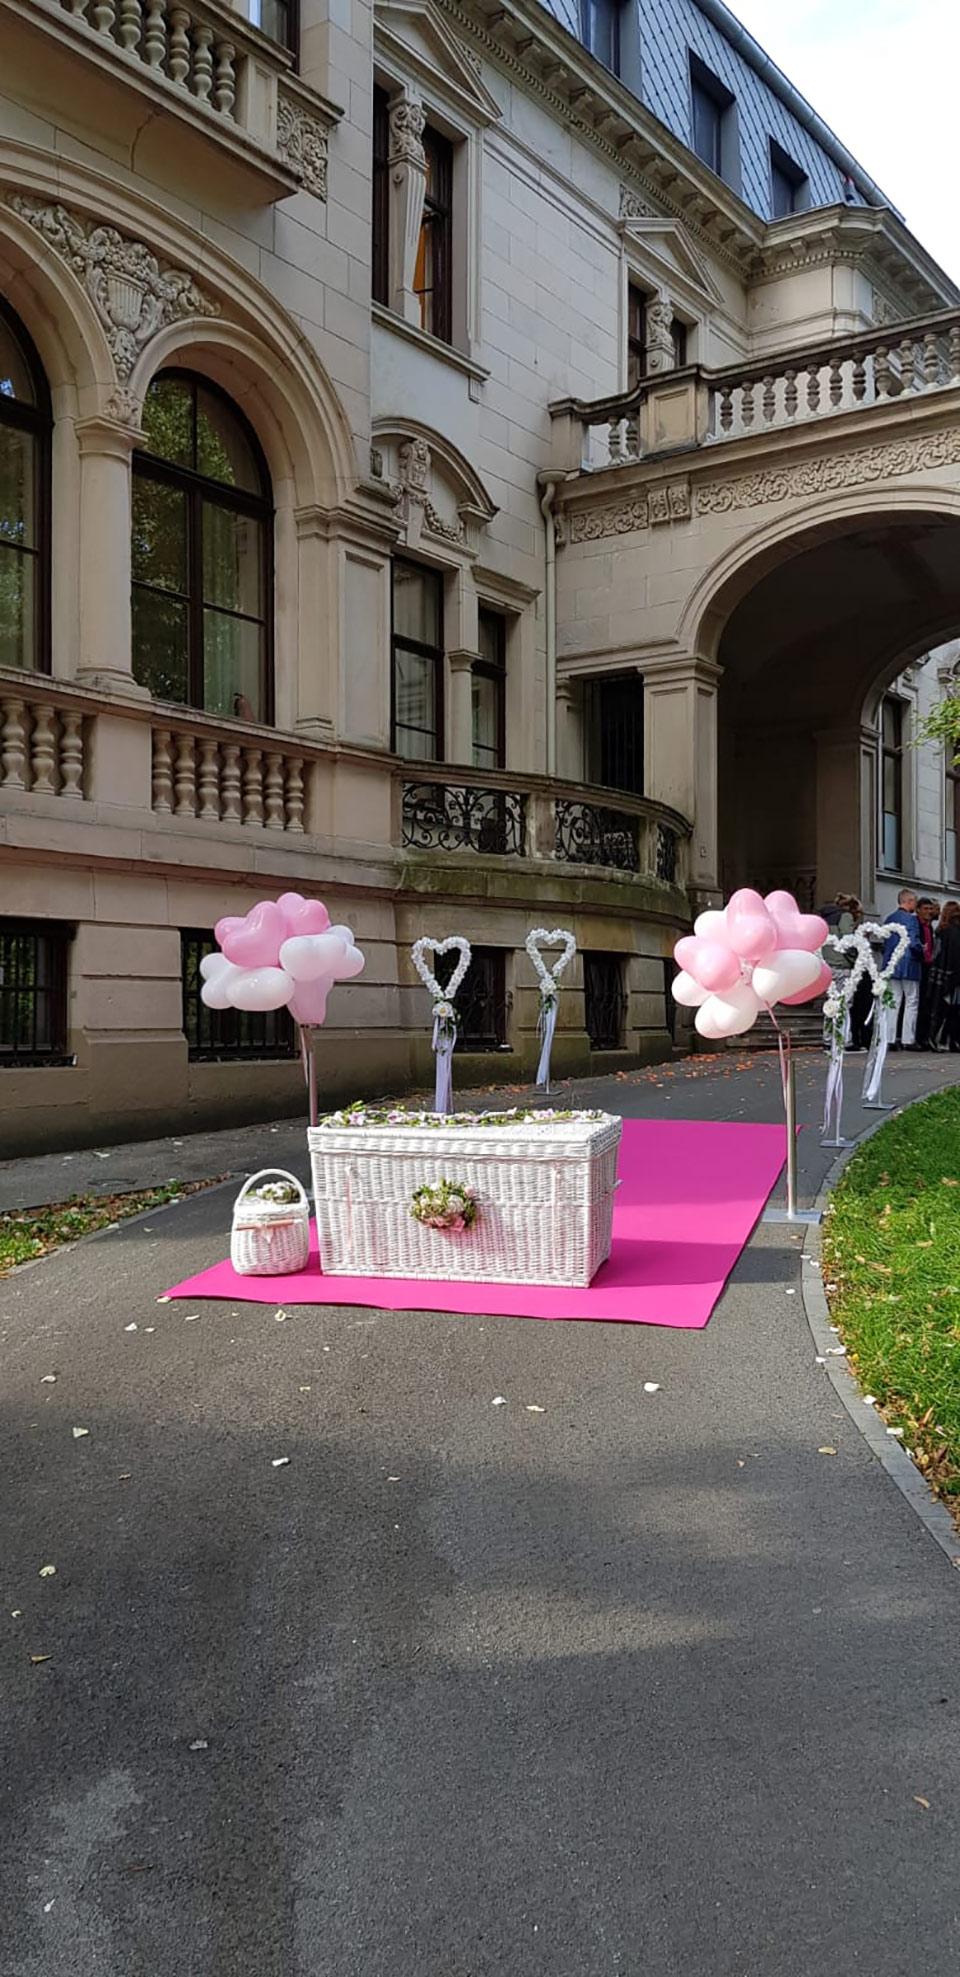 Freier-Trauredner-Sektempfang-Hochzeitstauben-Hochzeitsballons-Peter-Brocks-2